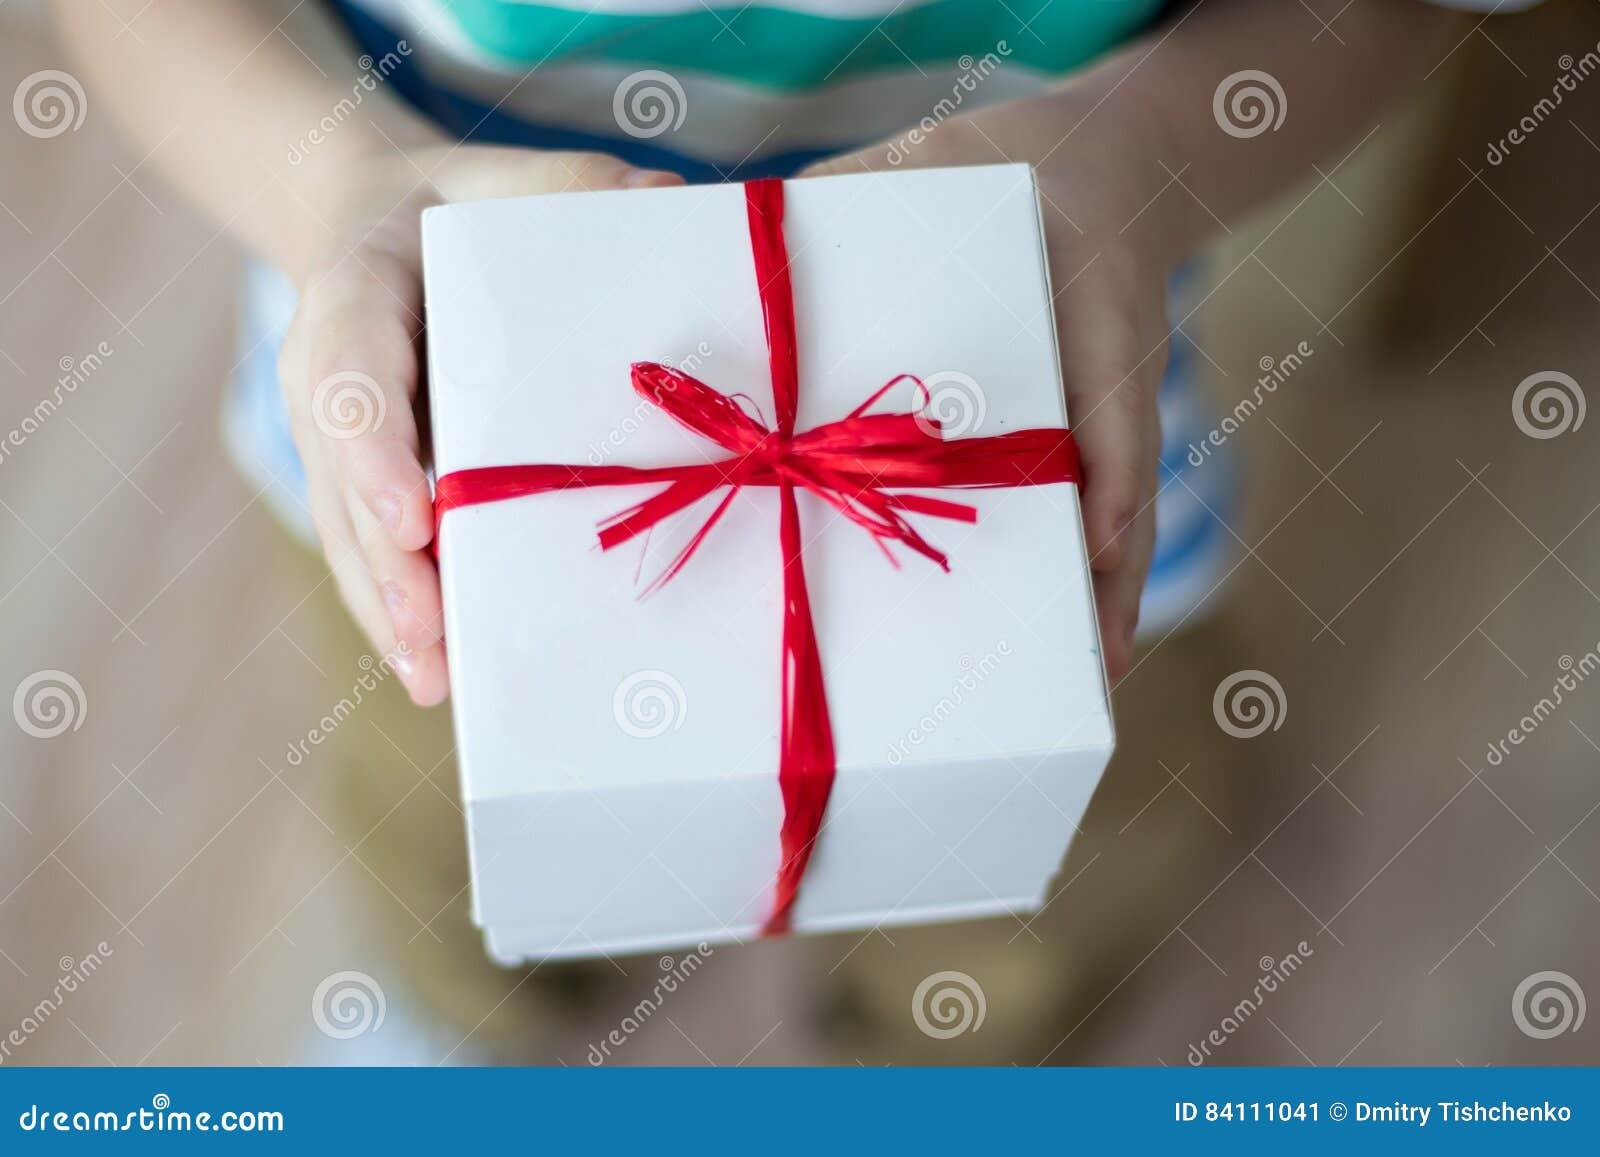 Κιβώτιο με ένα δώρο στα χέρια ενός παιδιού